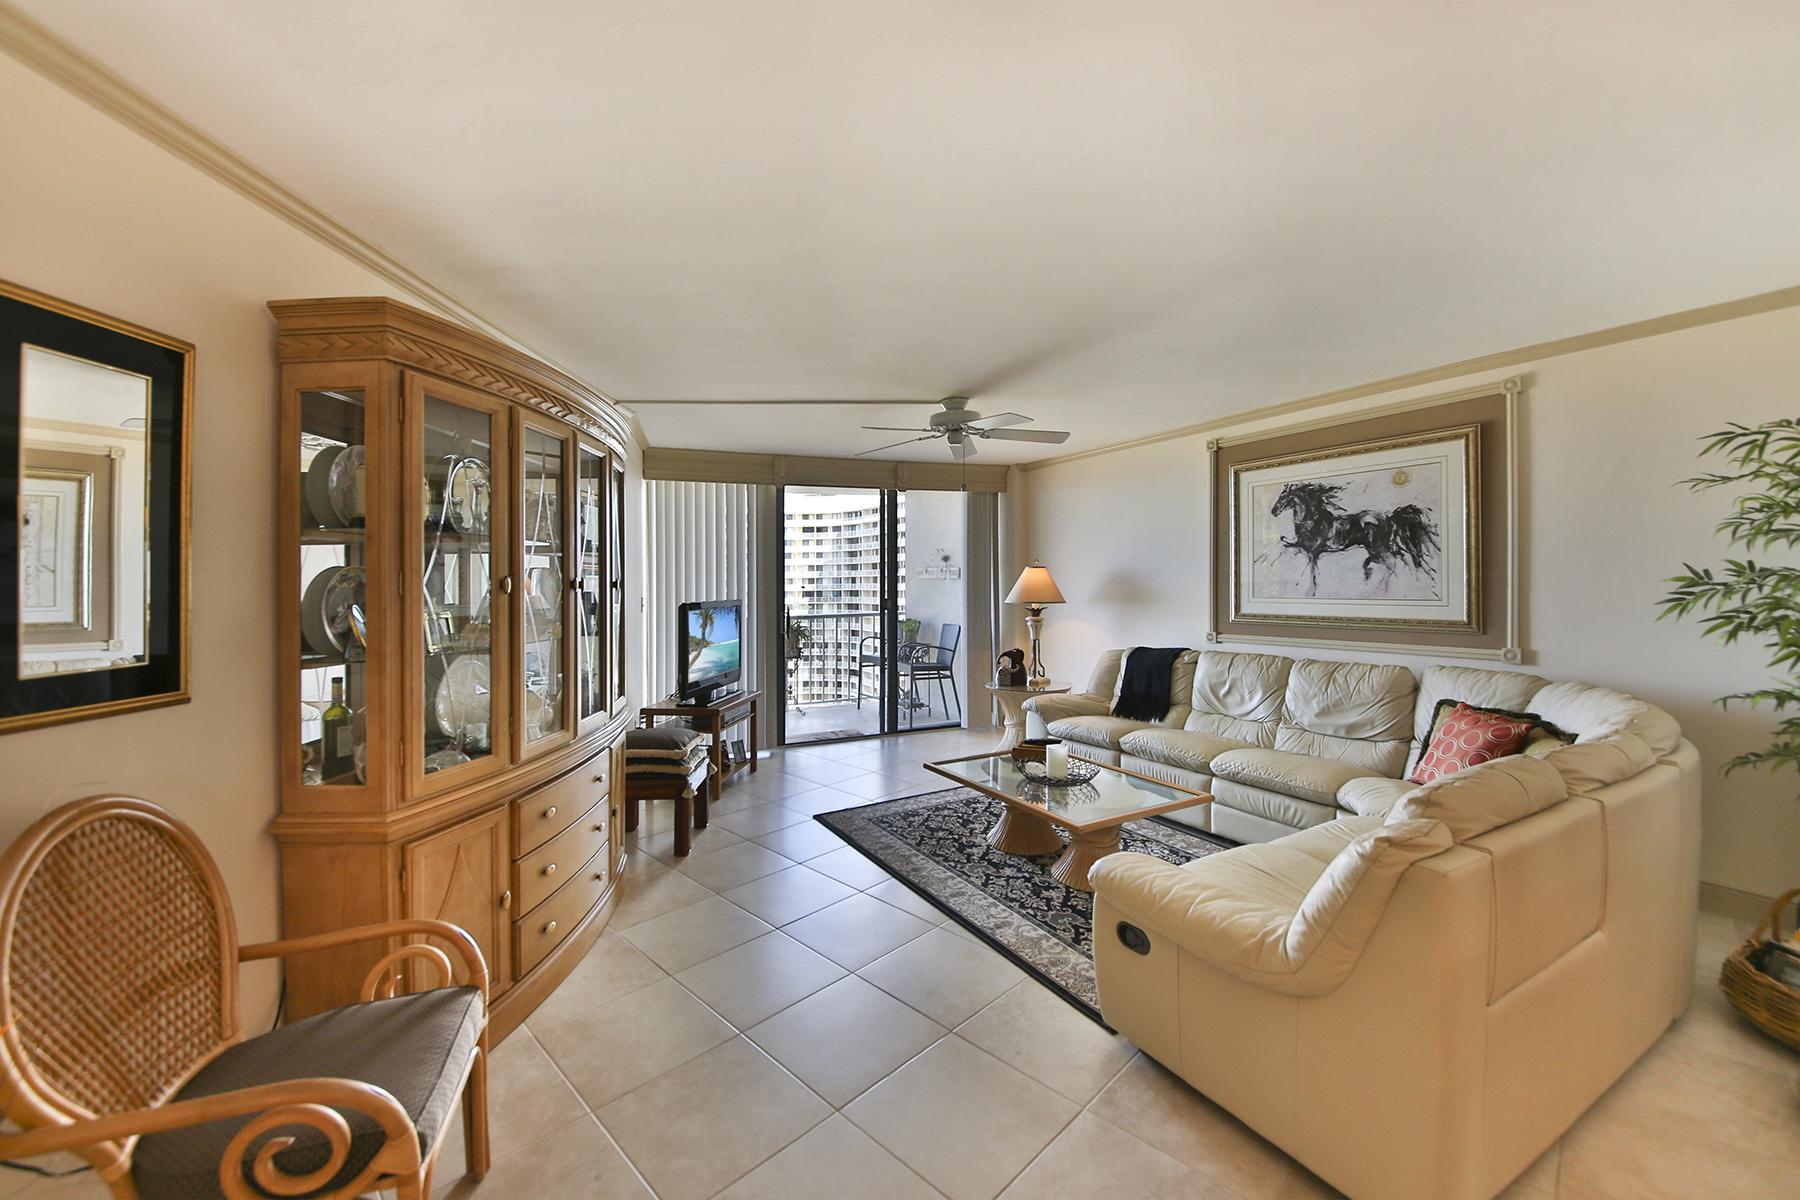 共管式独立产权公寓 为 销售 在 MARCO ISLAND - SOUTH SEAS 320 Seaview Ct 1408 Marco Island, 佛罗里达州 34145 美国